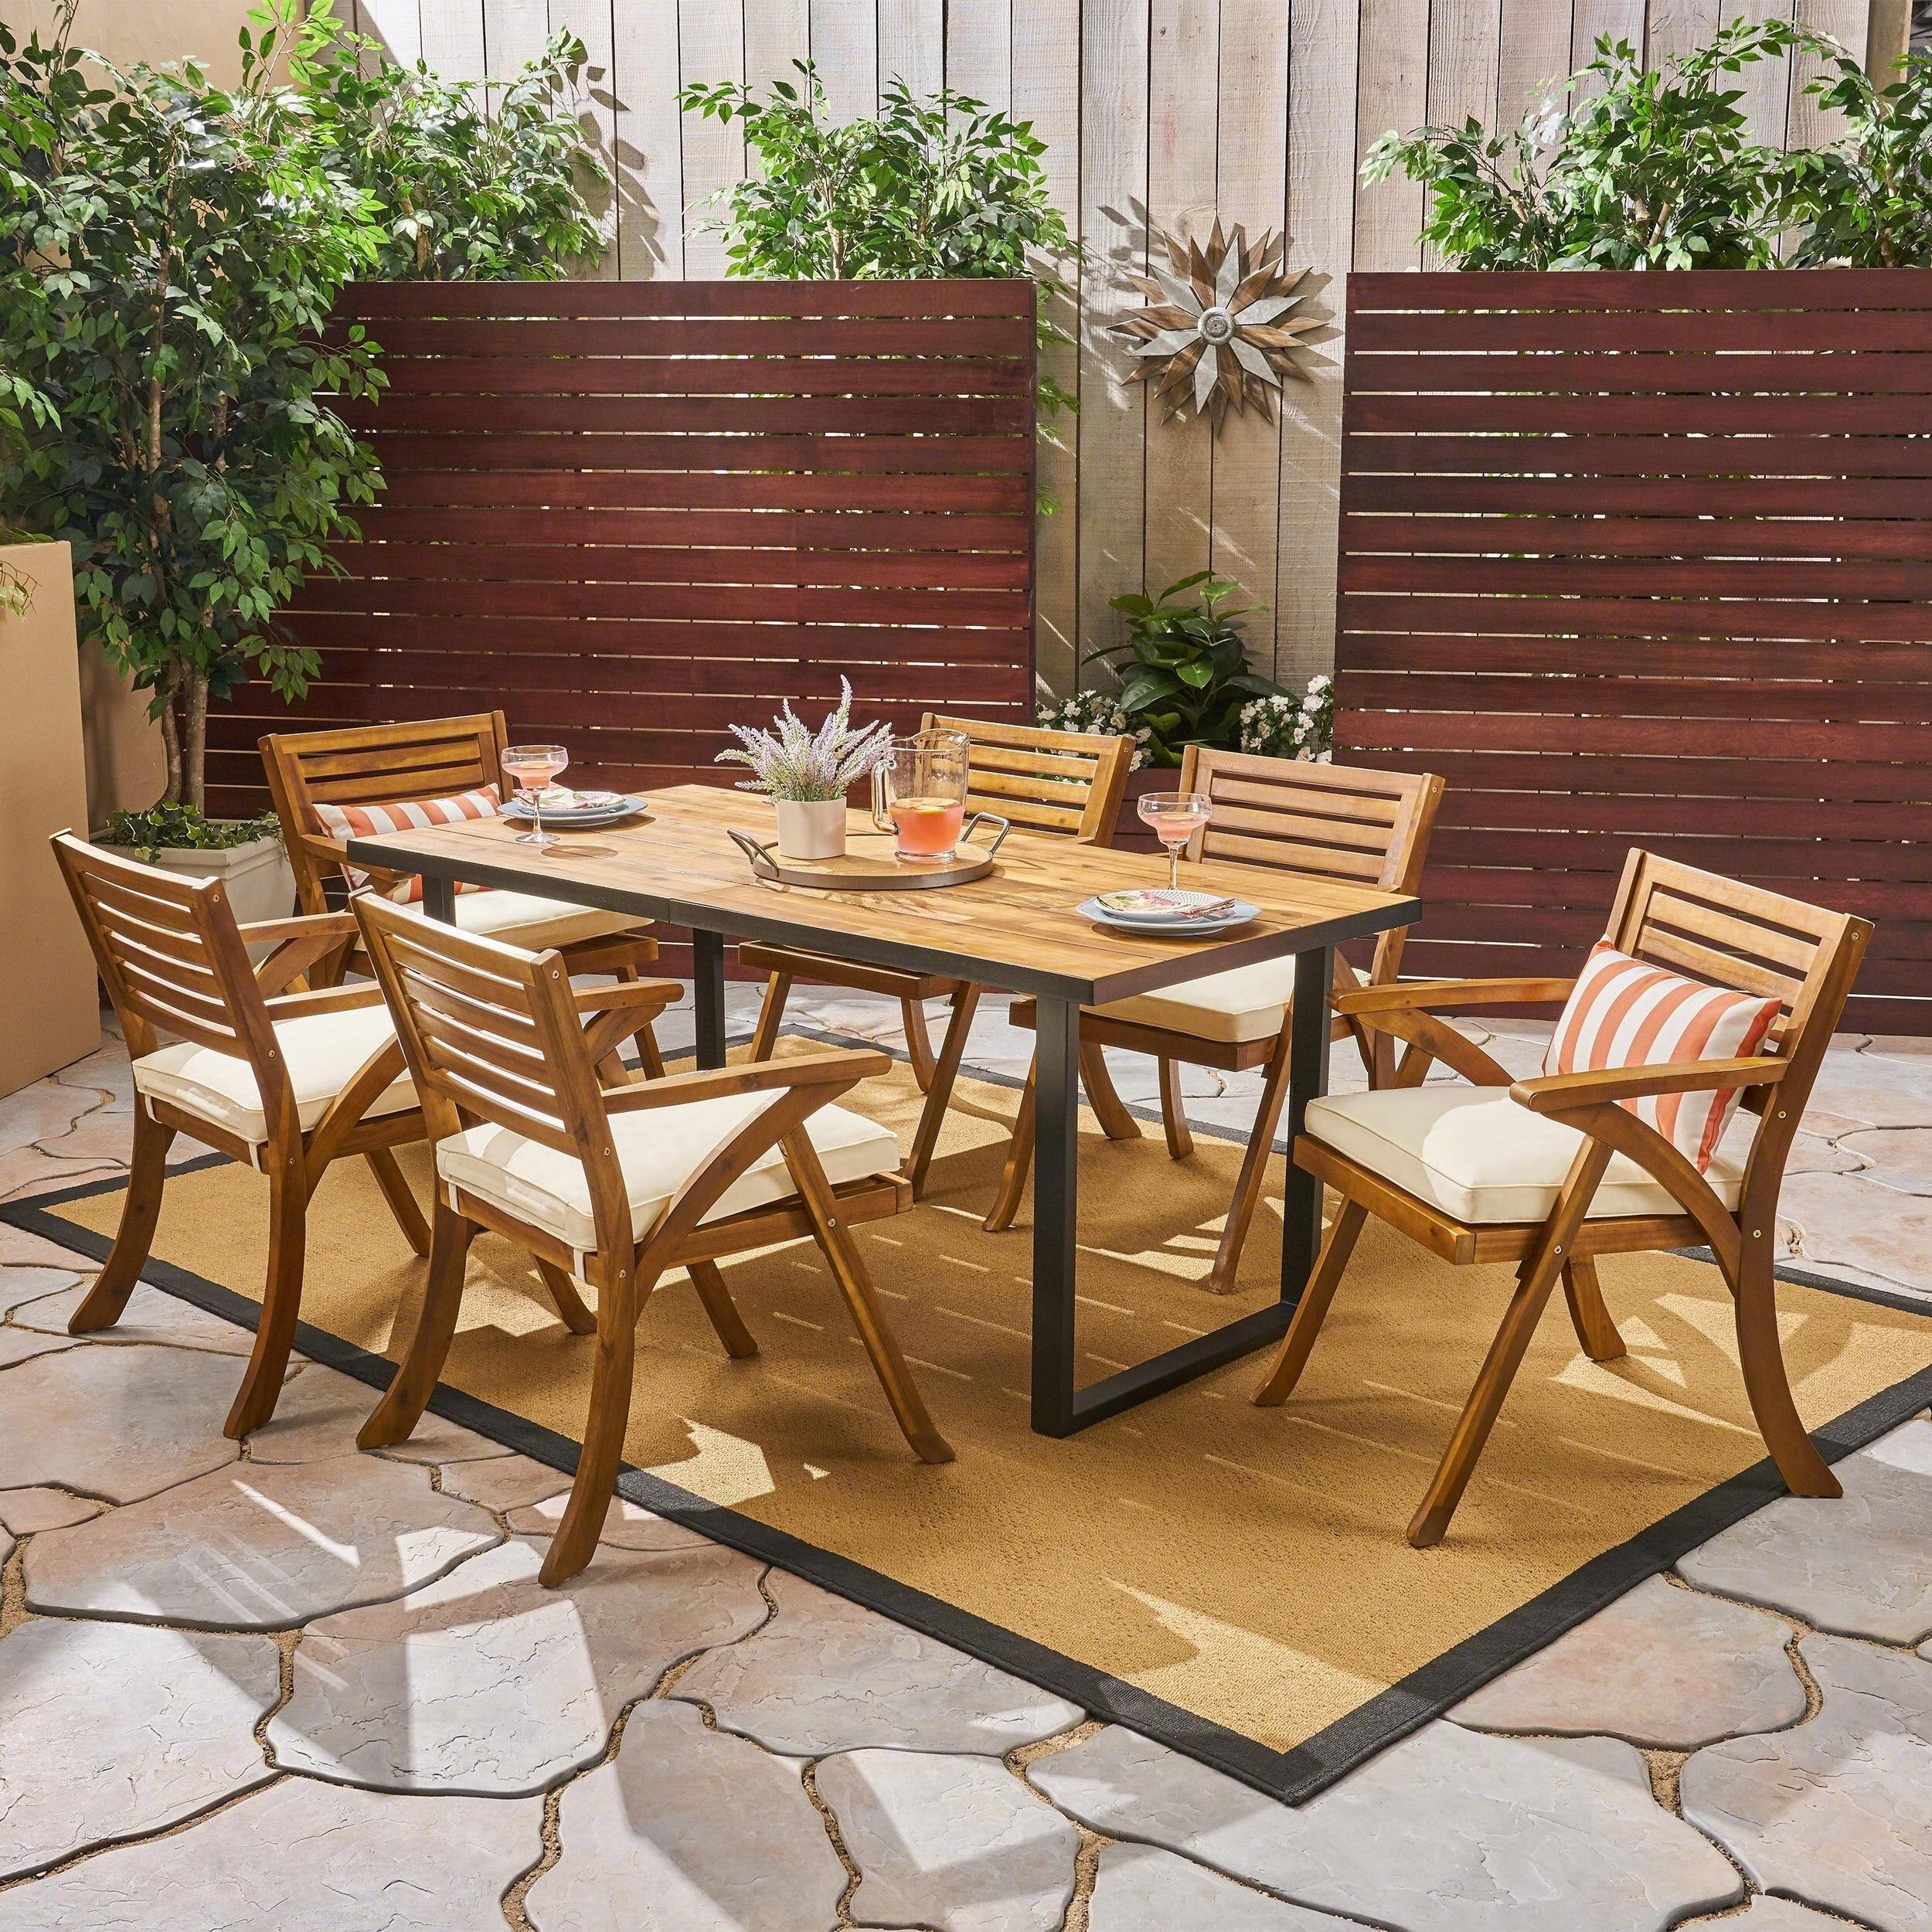 6 Seater Rectangular Acacia Wood